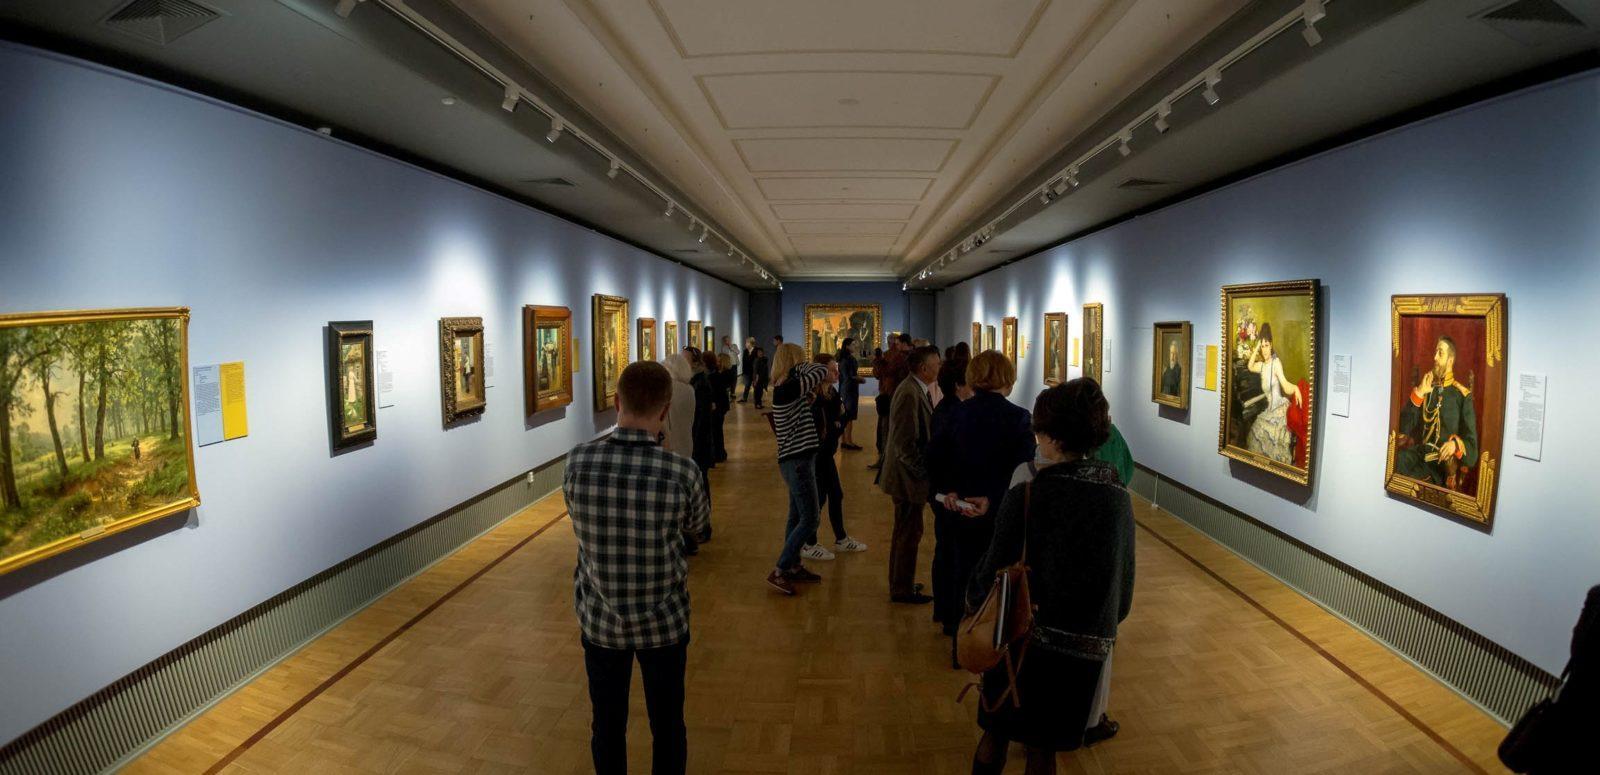 зал художники-реалисты и передвижники Третьяковская галерея